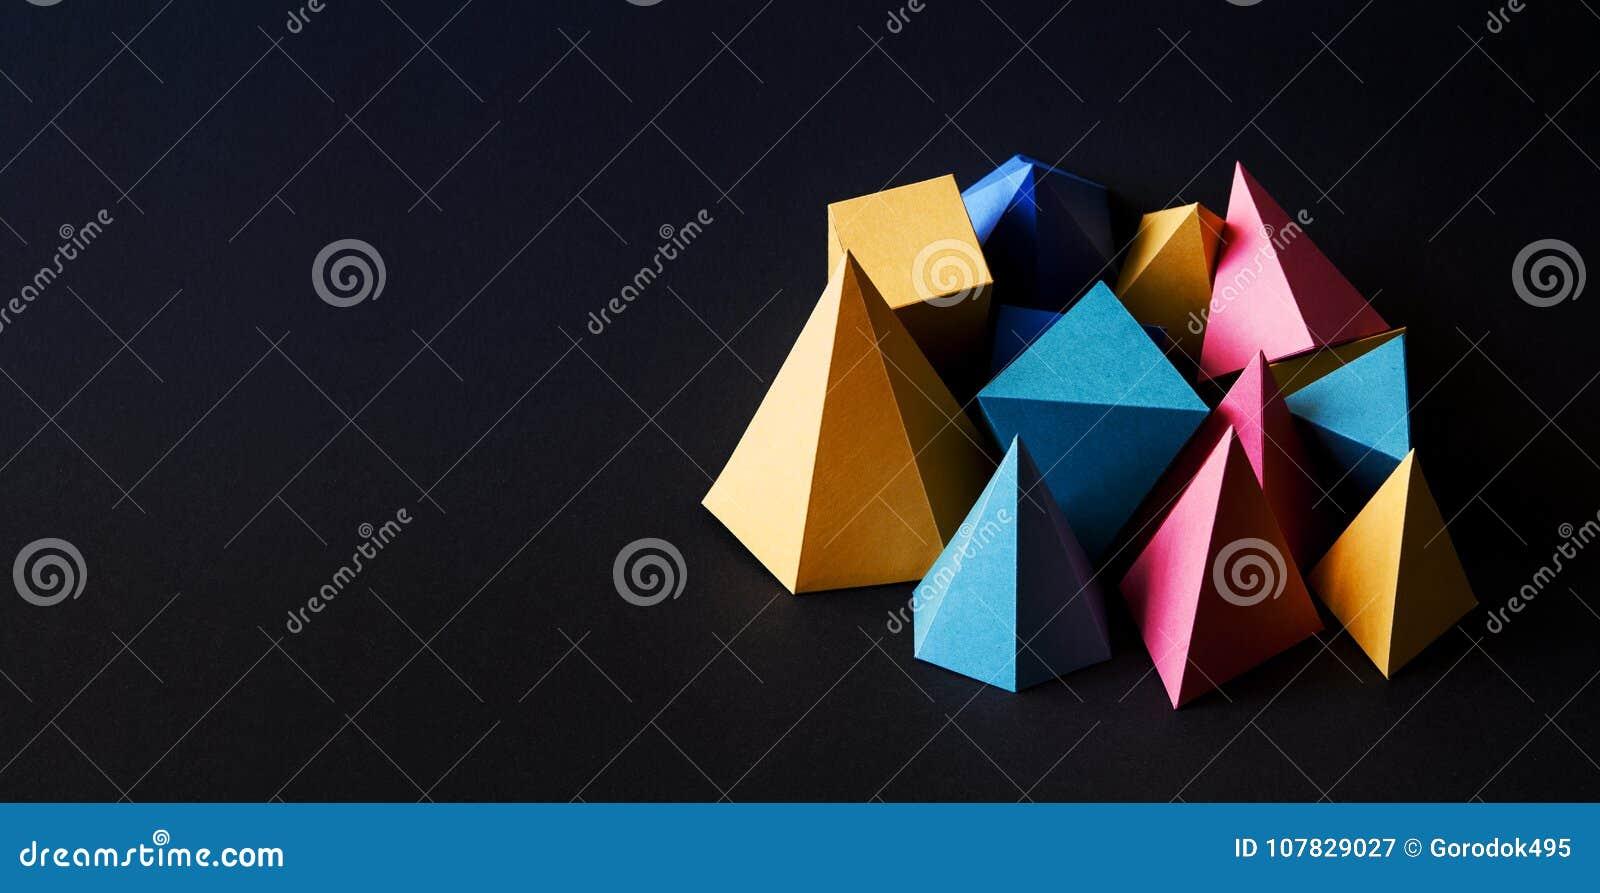 Las figuras sólidas geométricas del extracto minimalistic colorido de la composición en negro texturizaron el fondo de papel Pris